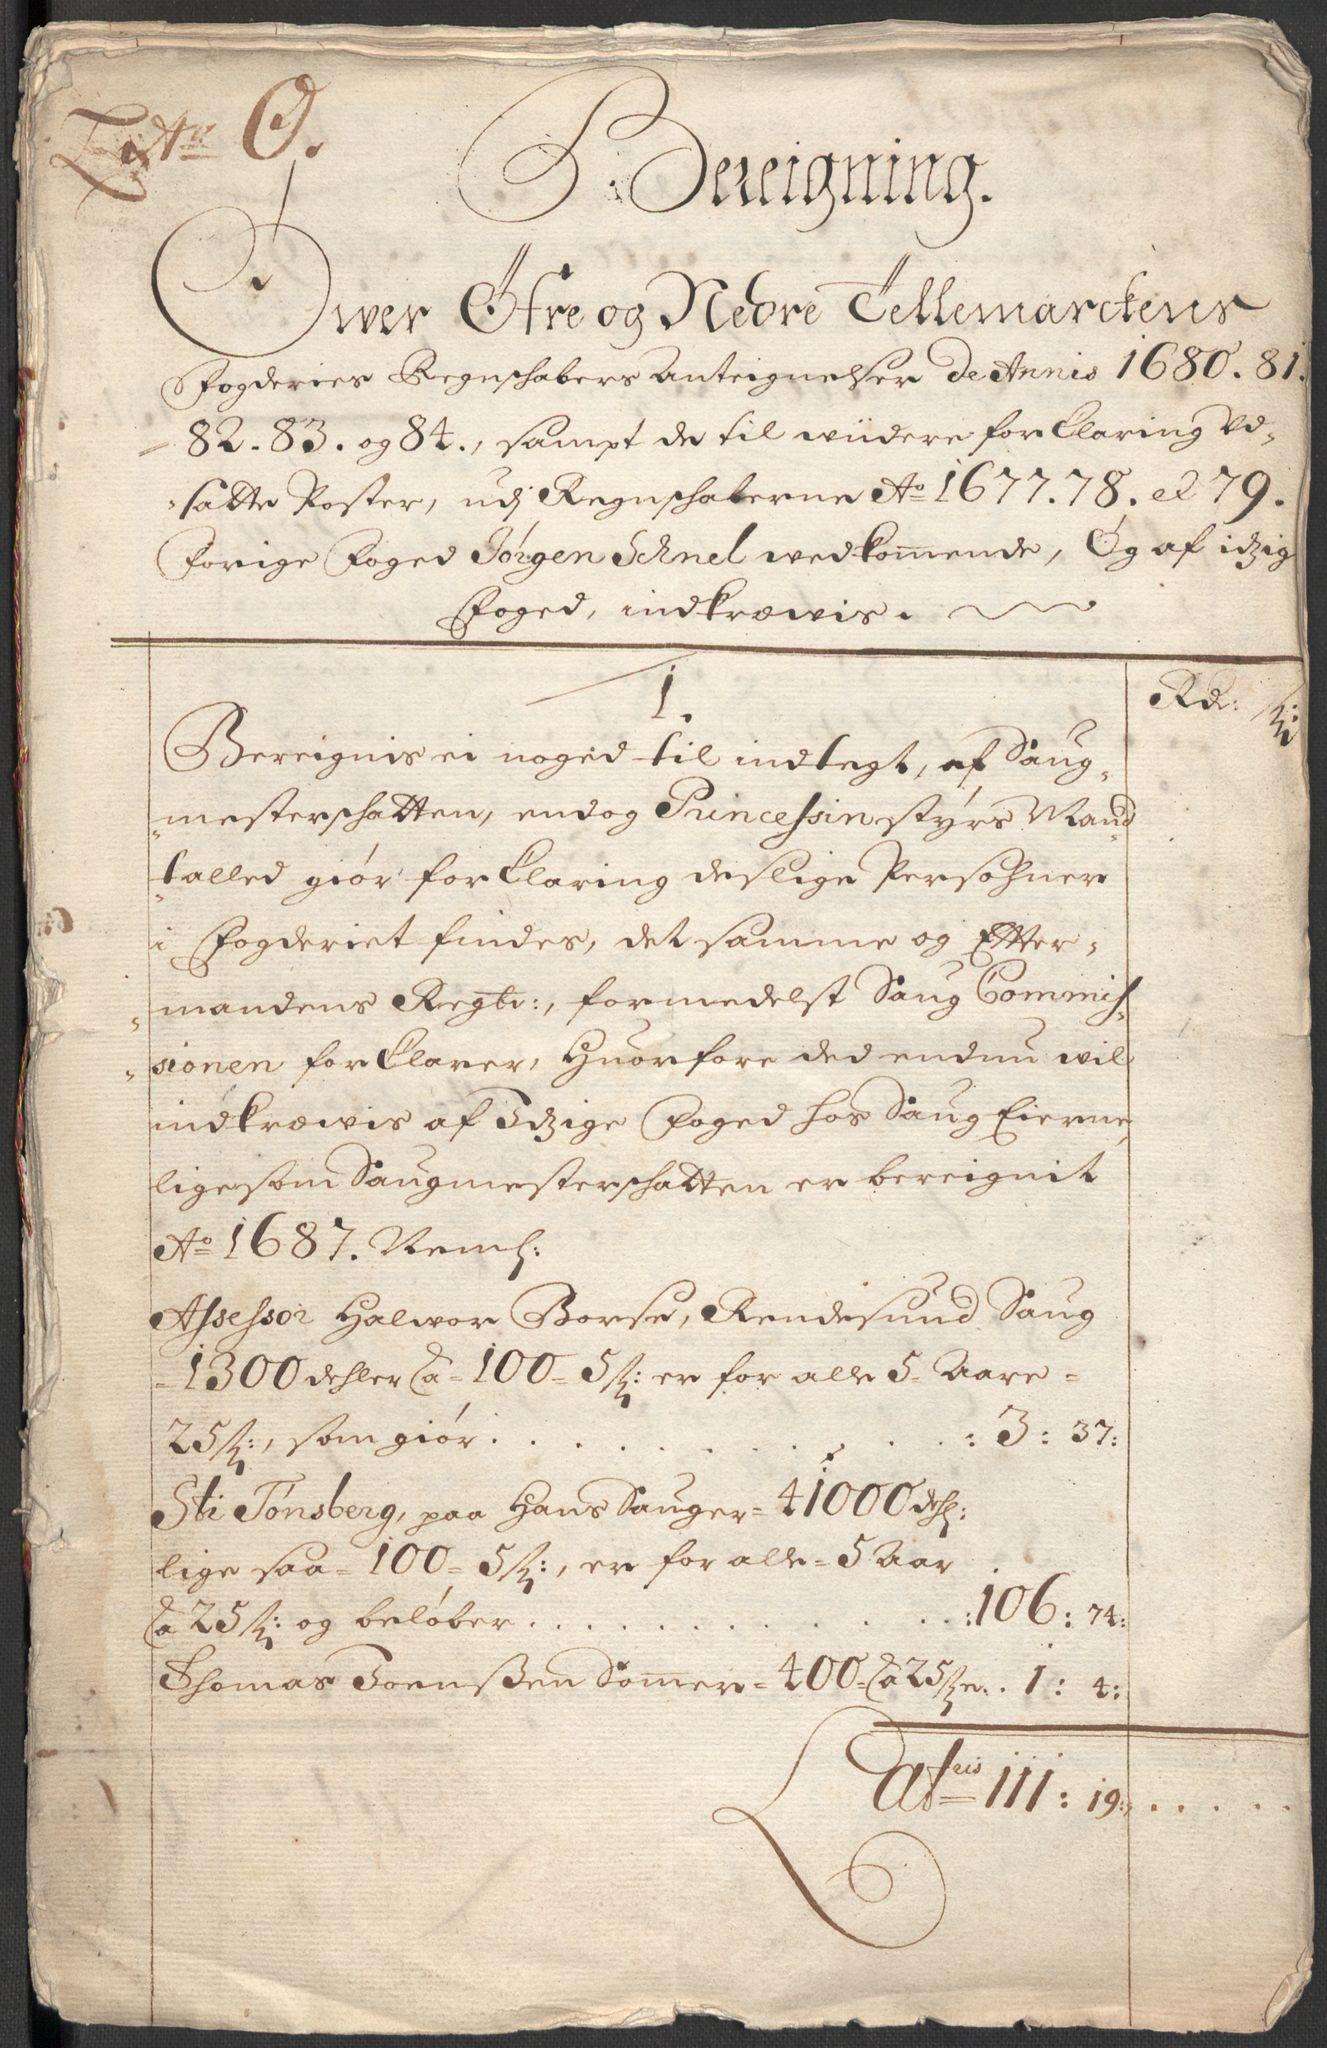 RA, Rentekammeret inntil 1814, Reviderte regnskaper, Fogderegnskap, R35/L2089: Fogderegnskap Øvre og Nedre Telemark, 1690-1692, s. 494